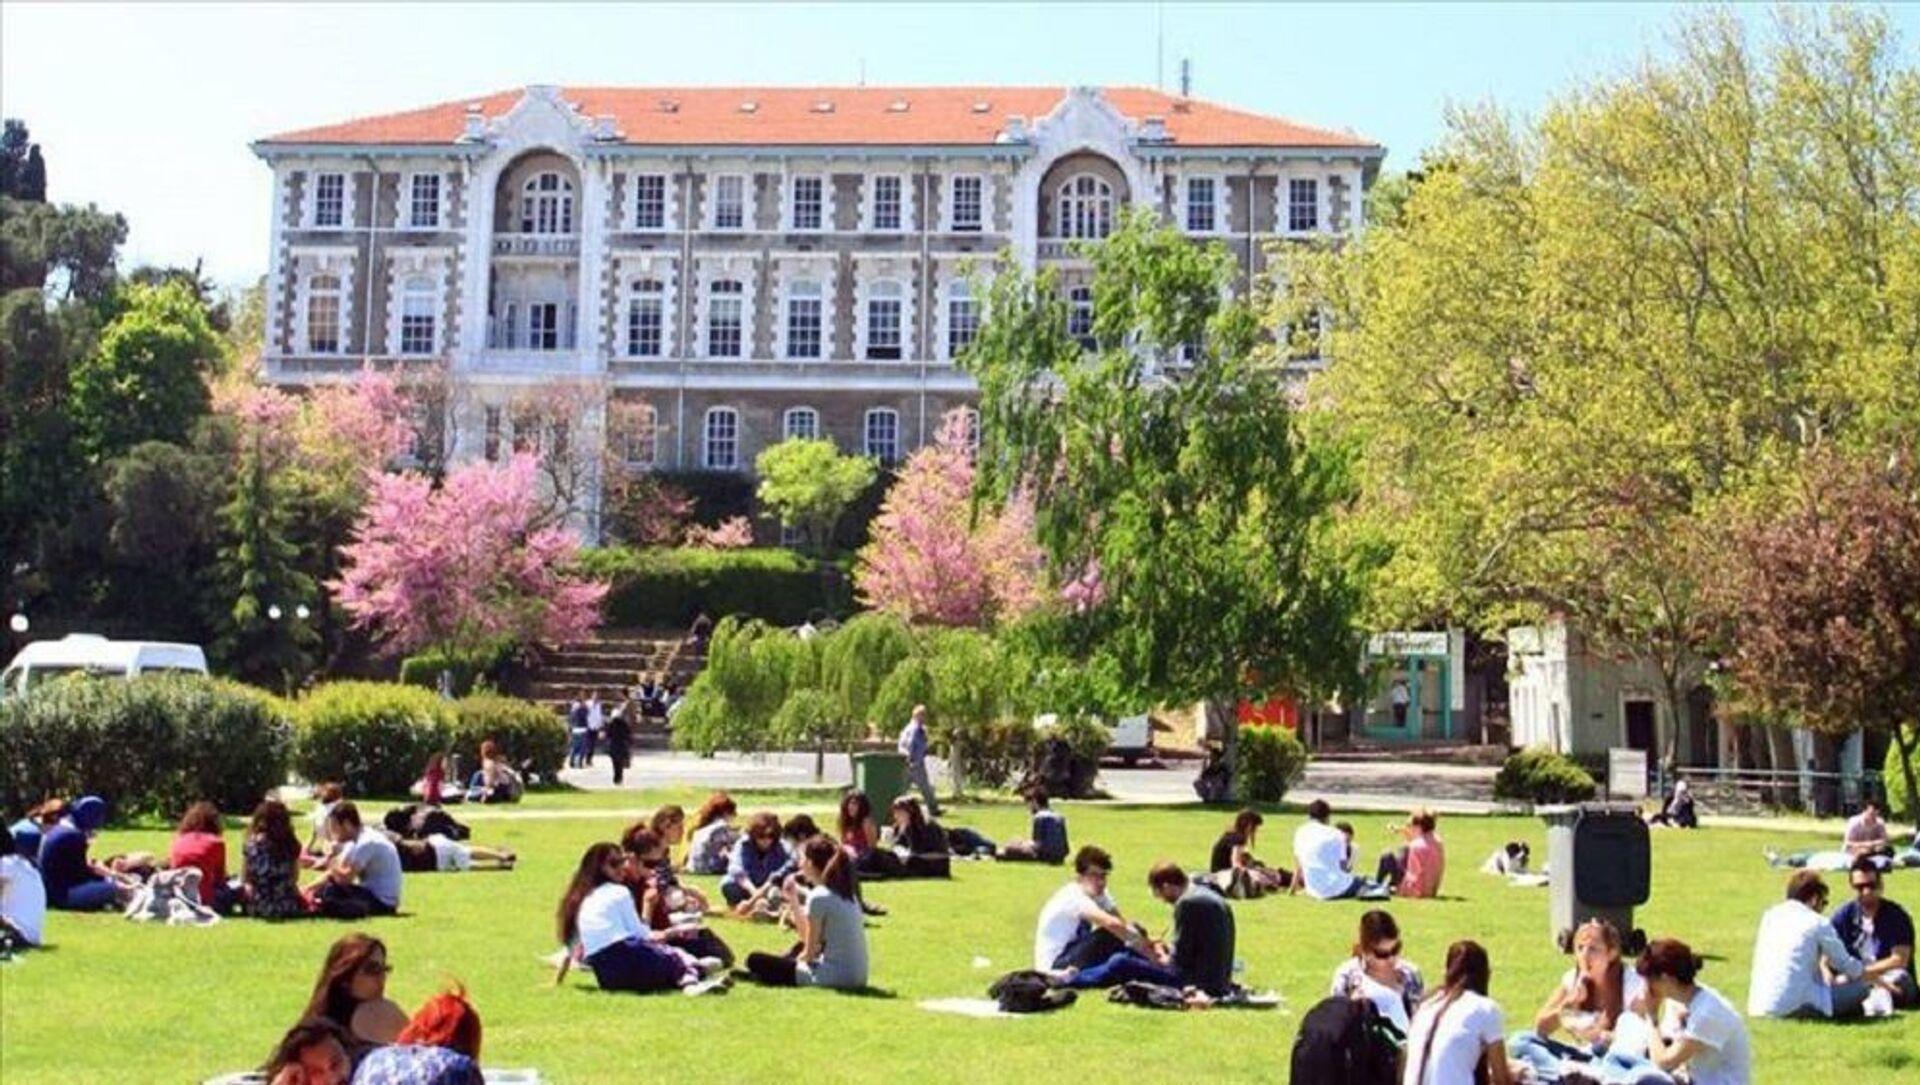 Boğaziçi Üniversitesi - Sputnik Türkiye, 1920, 04.04.2021